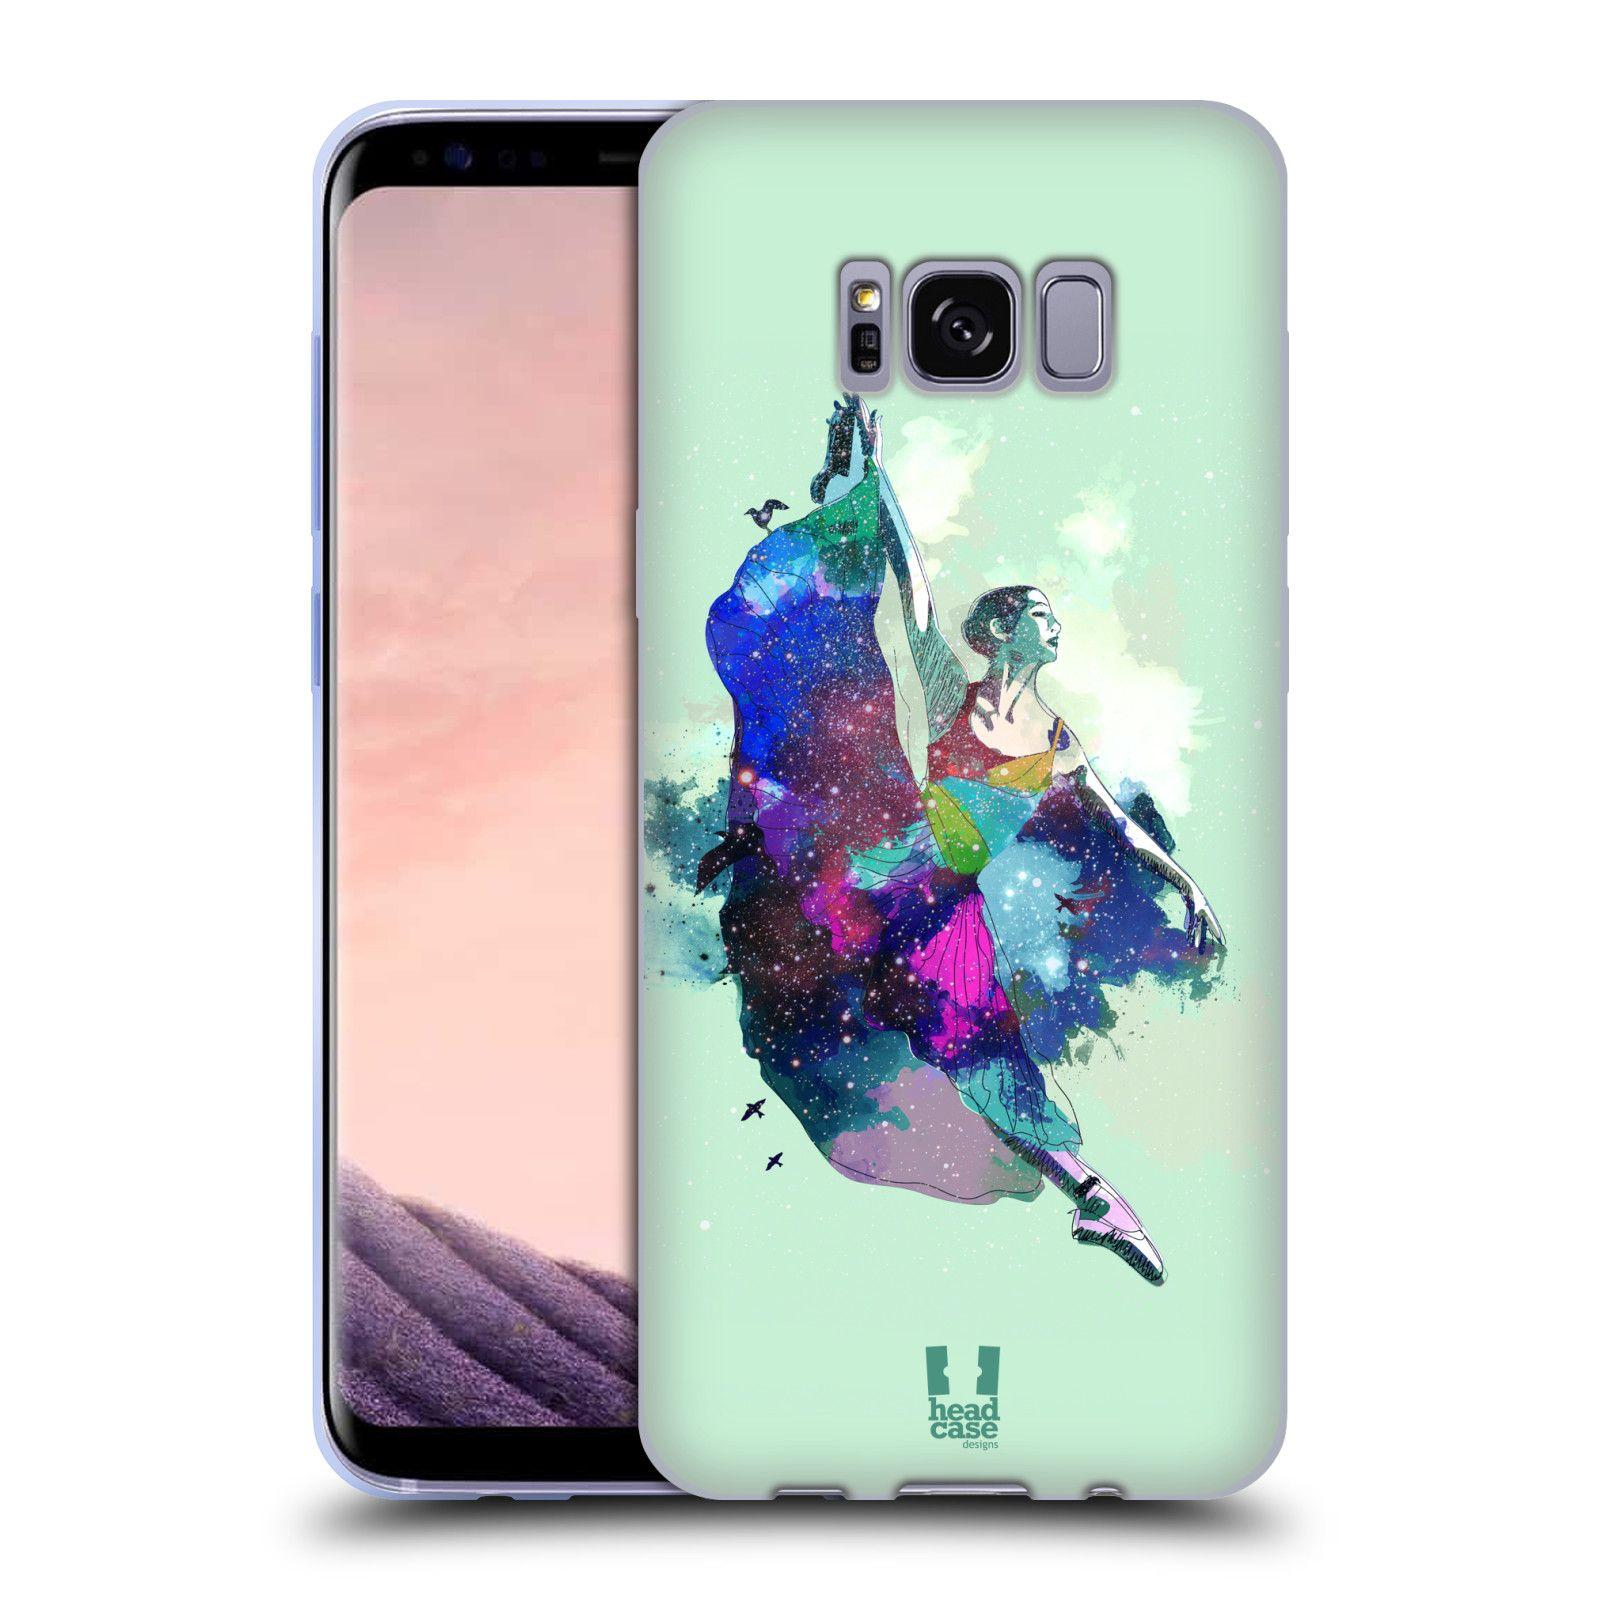 3edd0d189 HEAD CASE silikonový obal na mobil Samsung Galaxy S8 vzor Taneční motiv  BALETKA